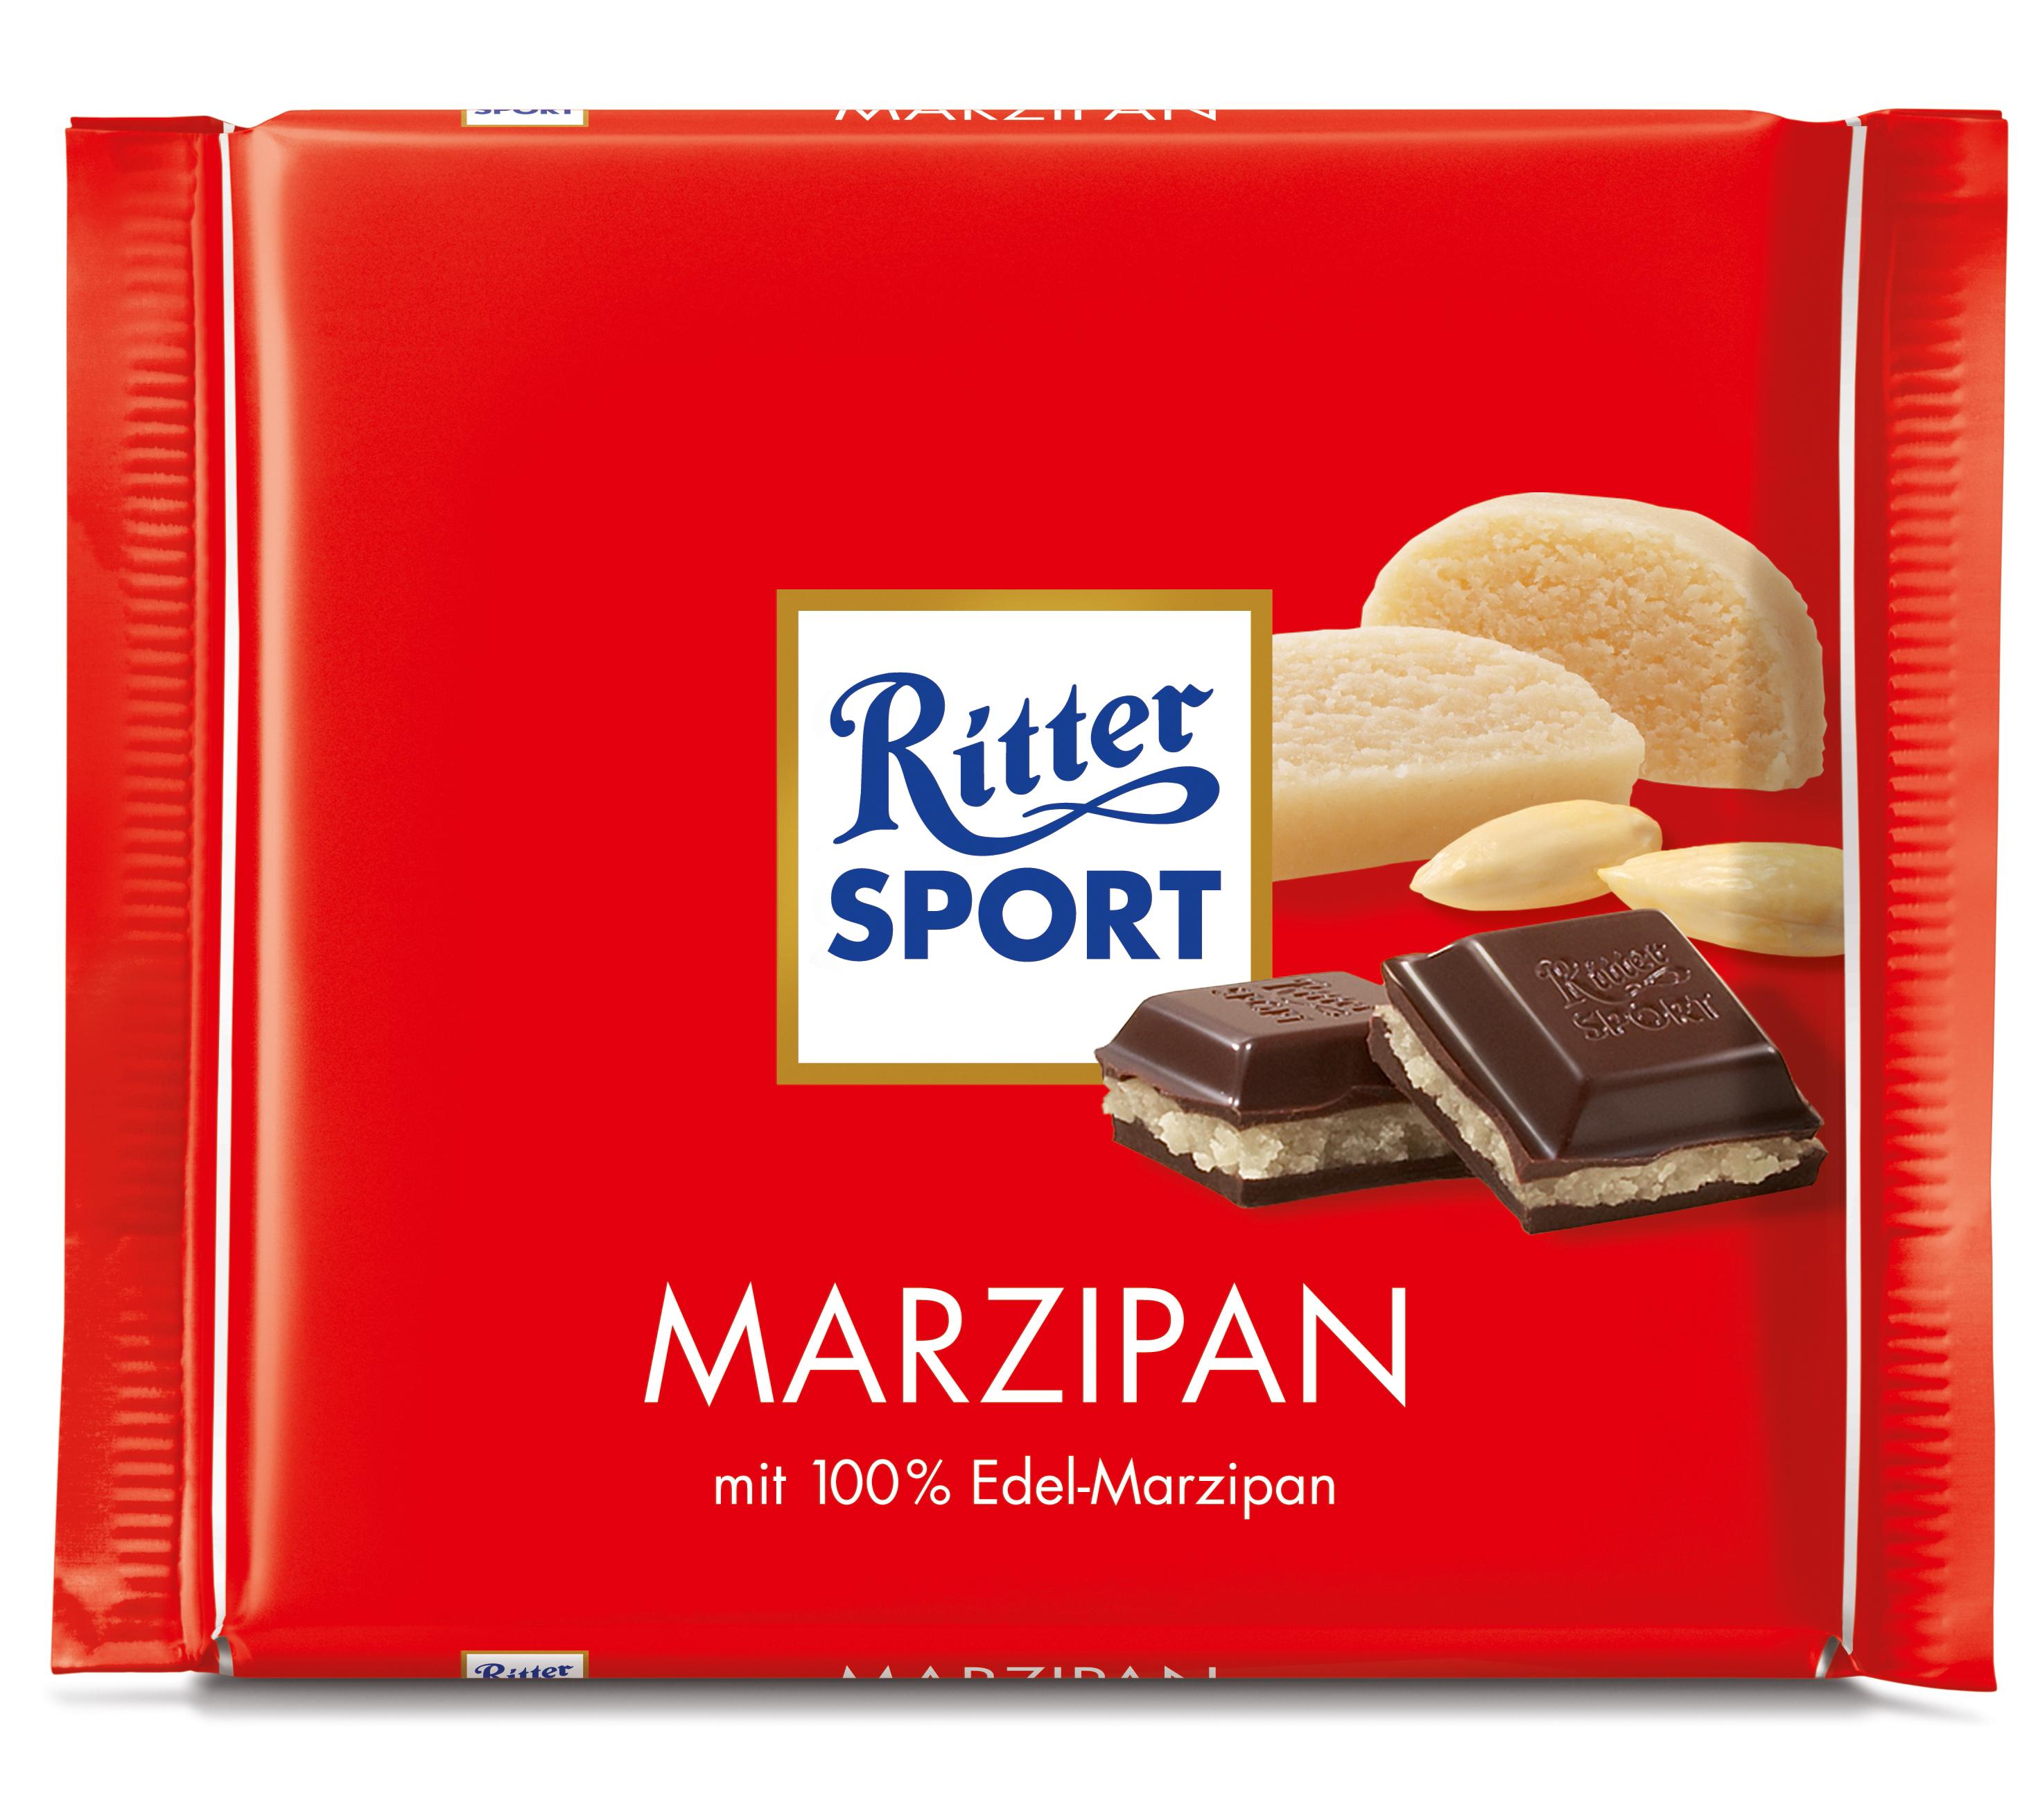 Pin von Marlo auf Lebensmittel in 2020 Ritter sport